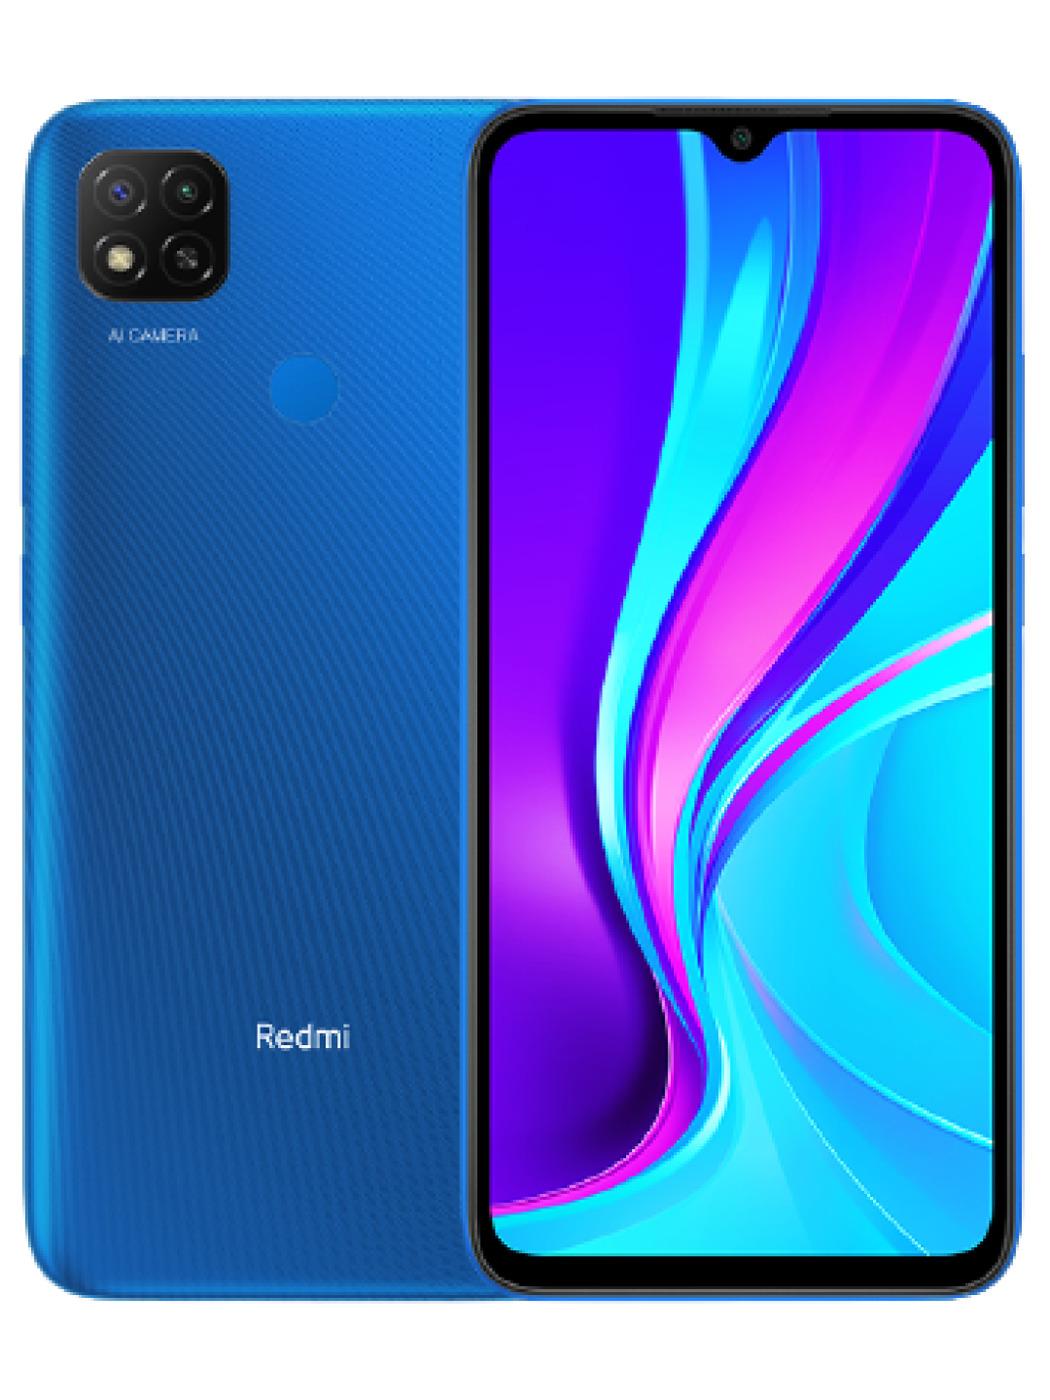 смартфон xiaomi redmi 9c  3/64gb, черный m2006c3mng